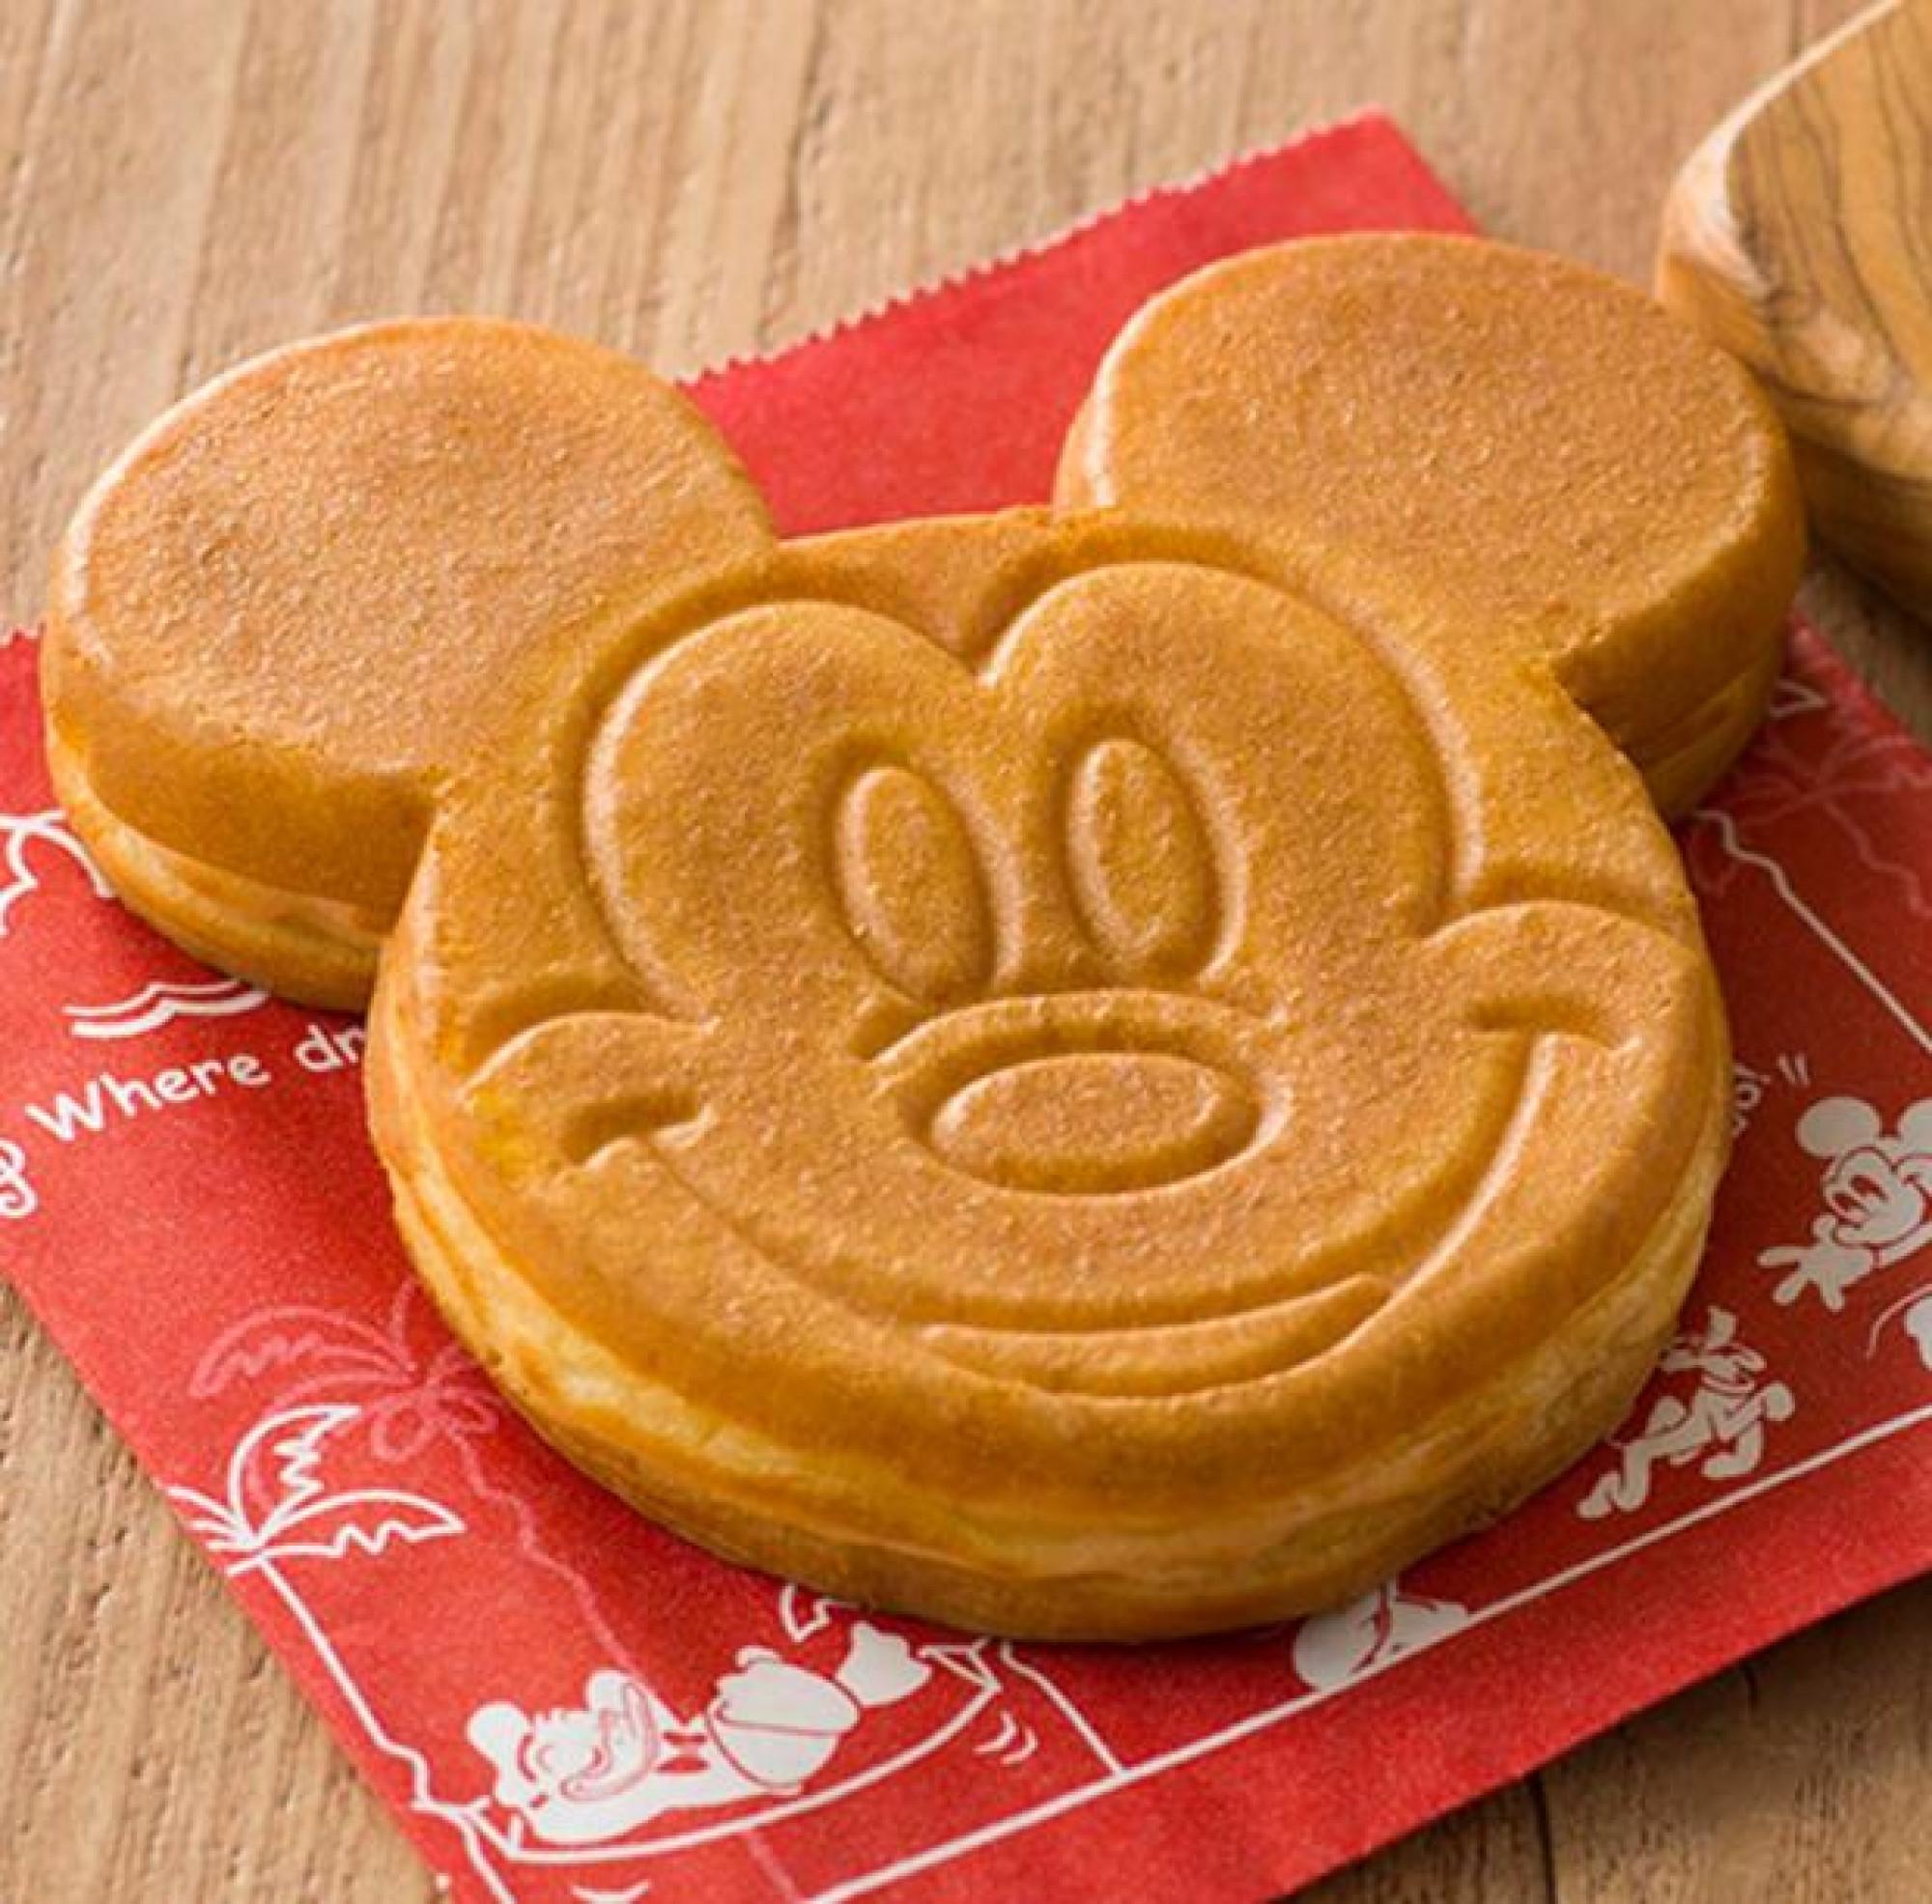 ミッキーカステラケーキ(キャラメルクリーム味)